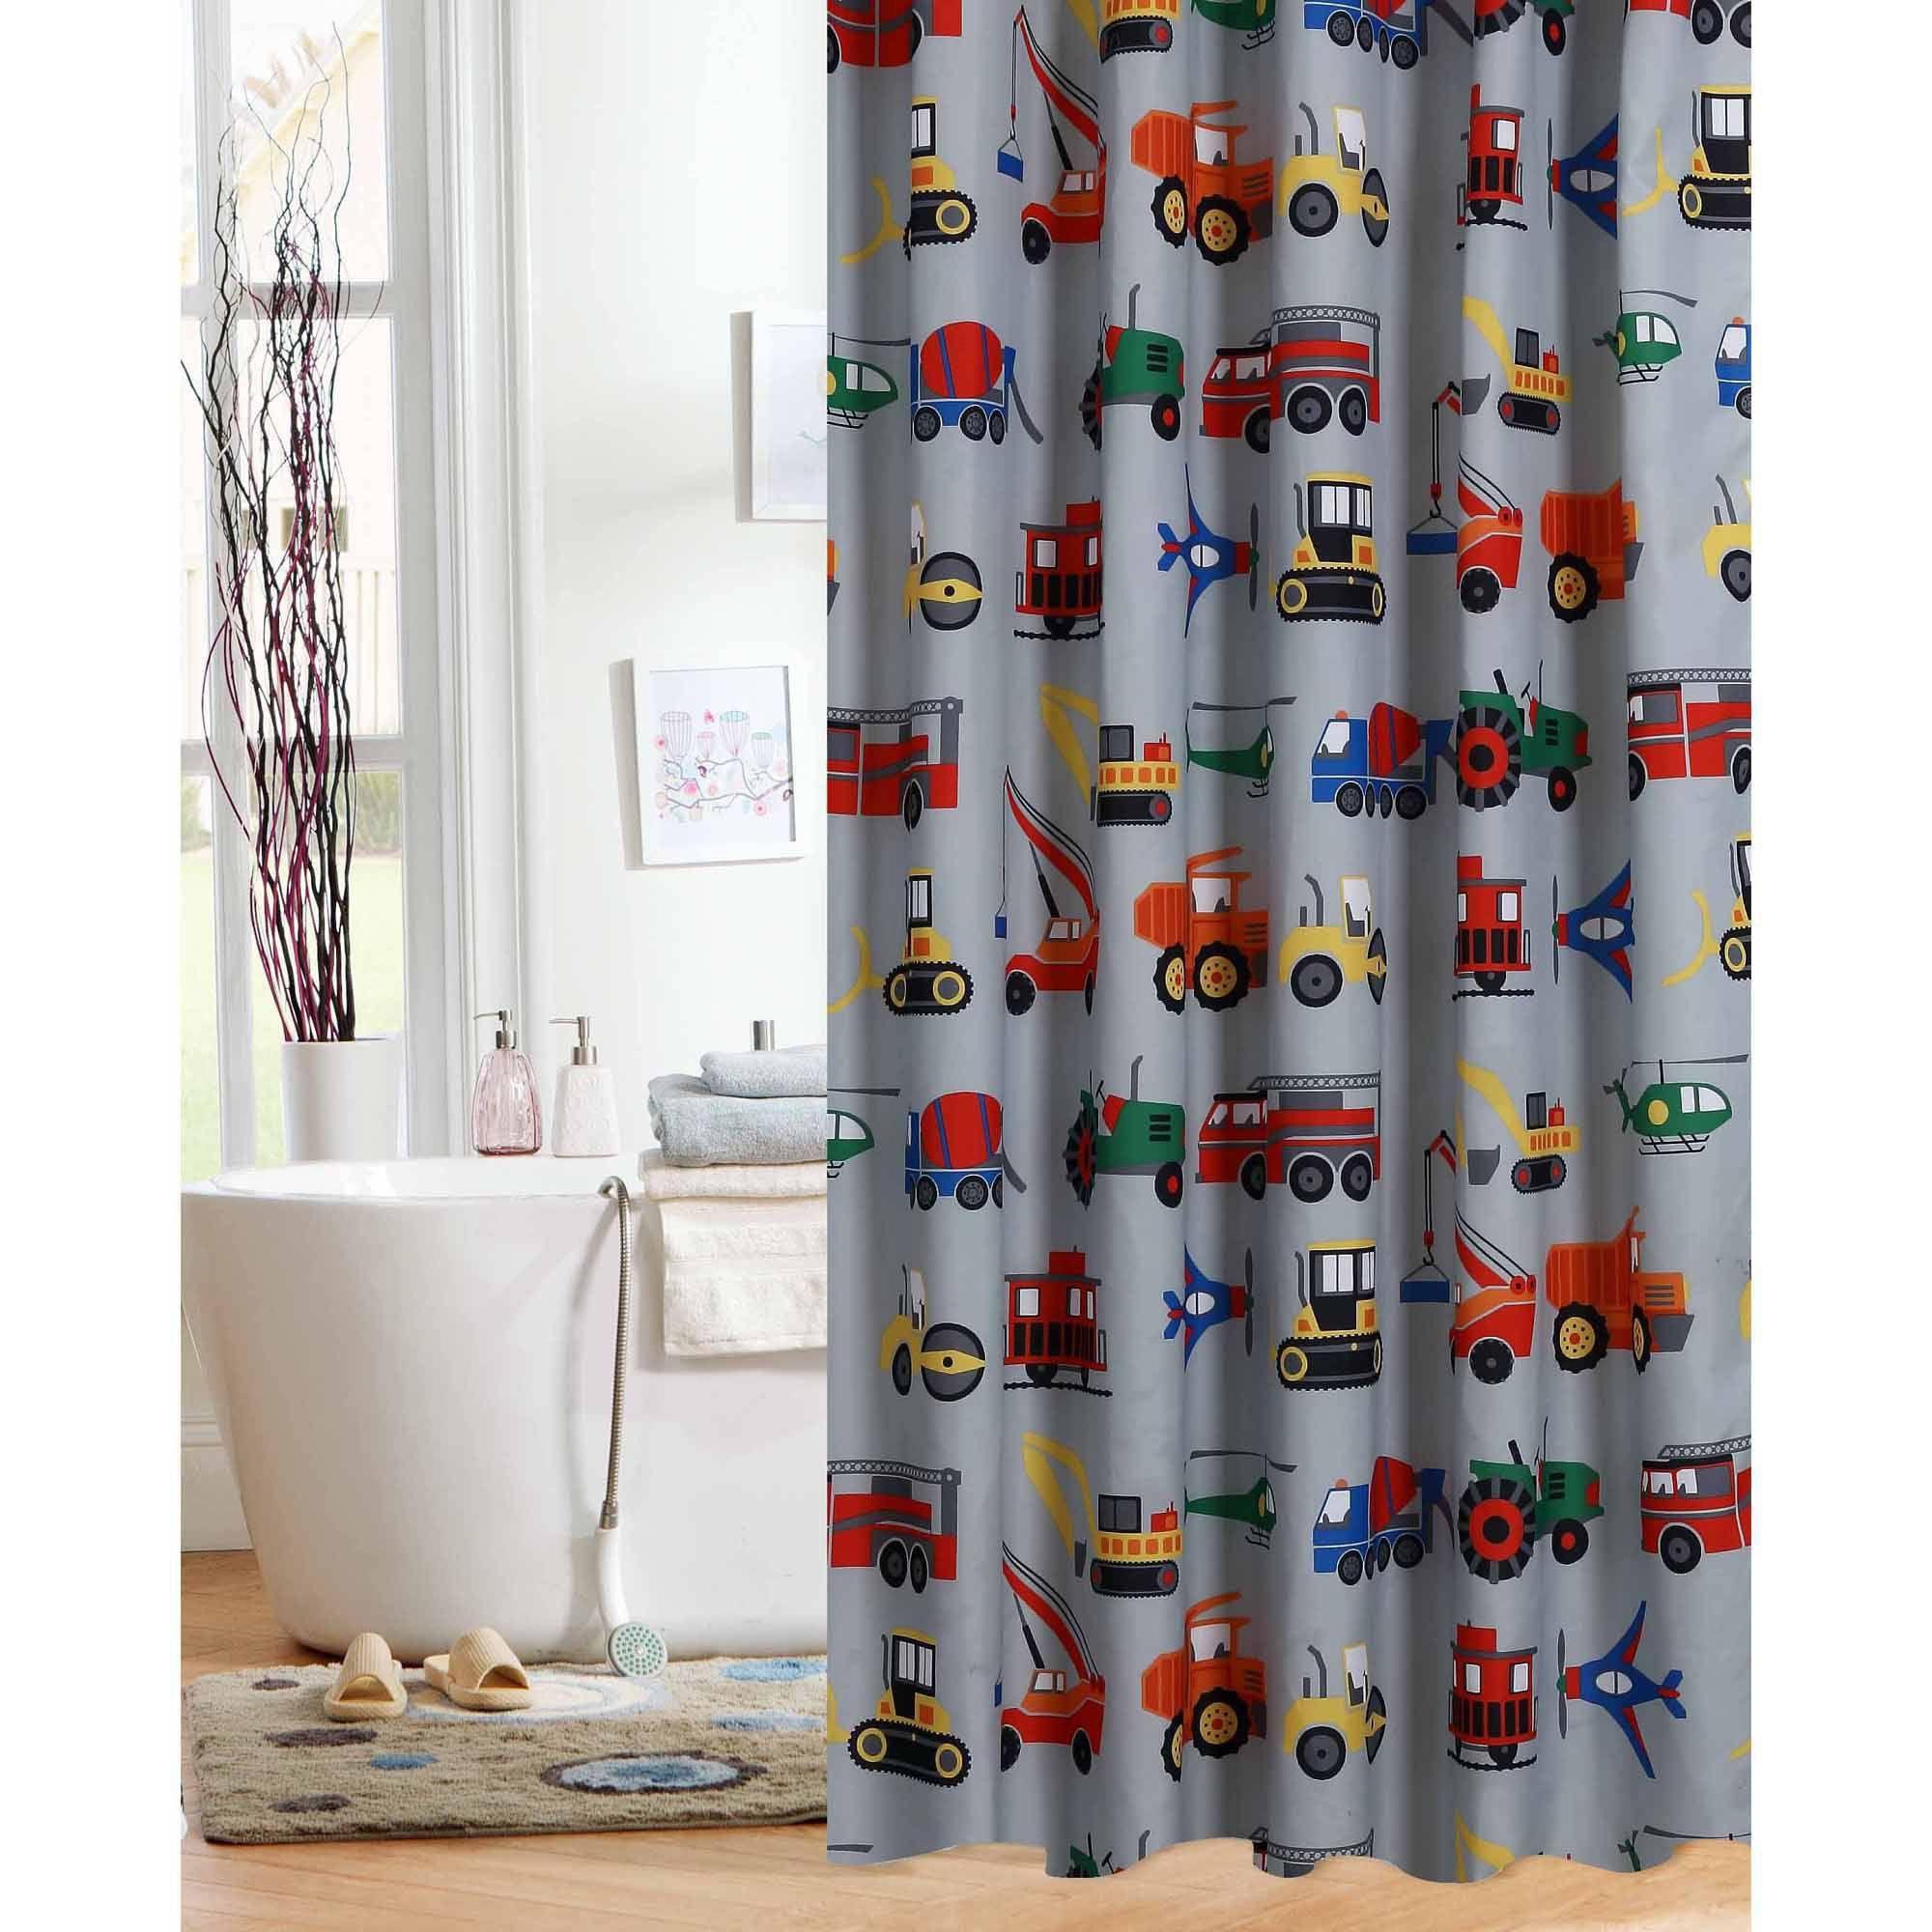 Dusche Vorhang Liner In Einem Billig Duschvorhange Asda Urlaub Dollar Tree Mobel